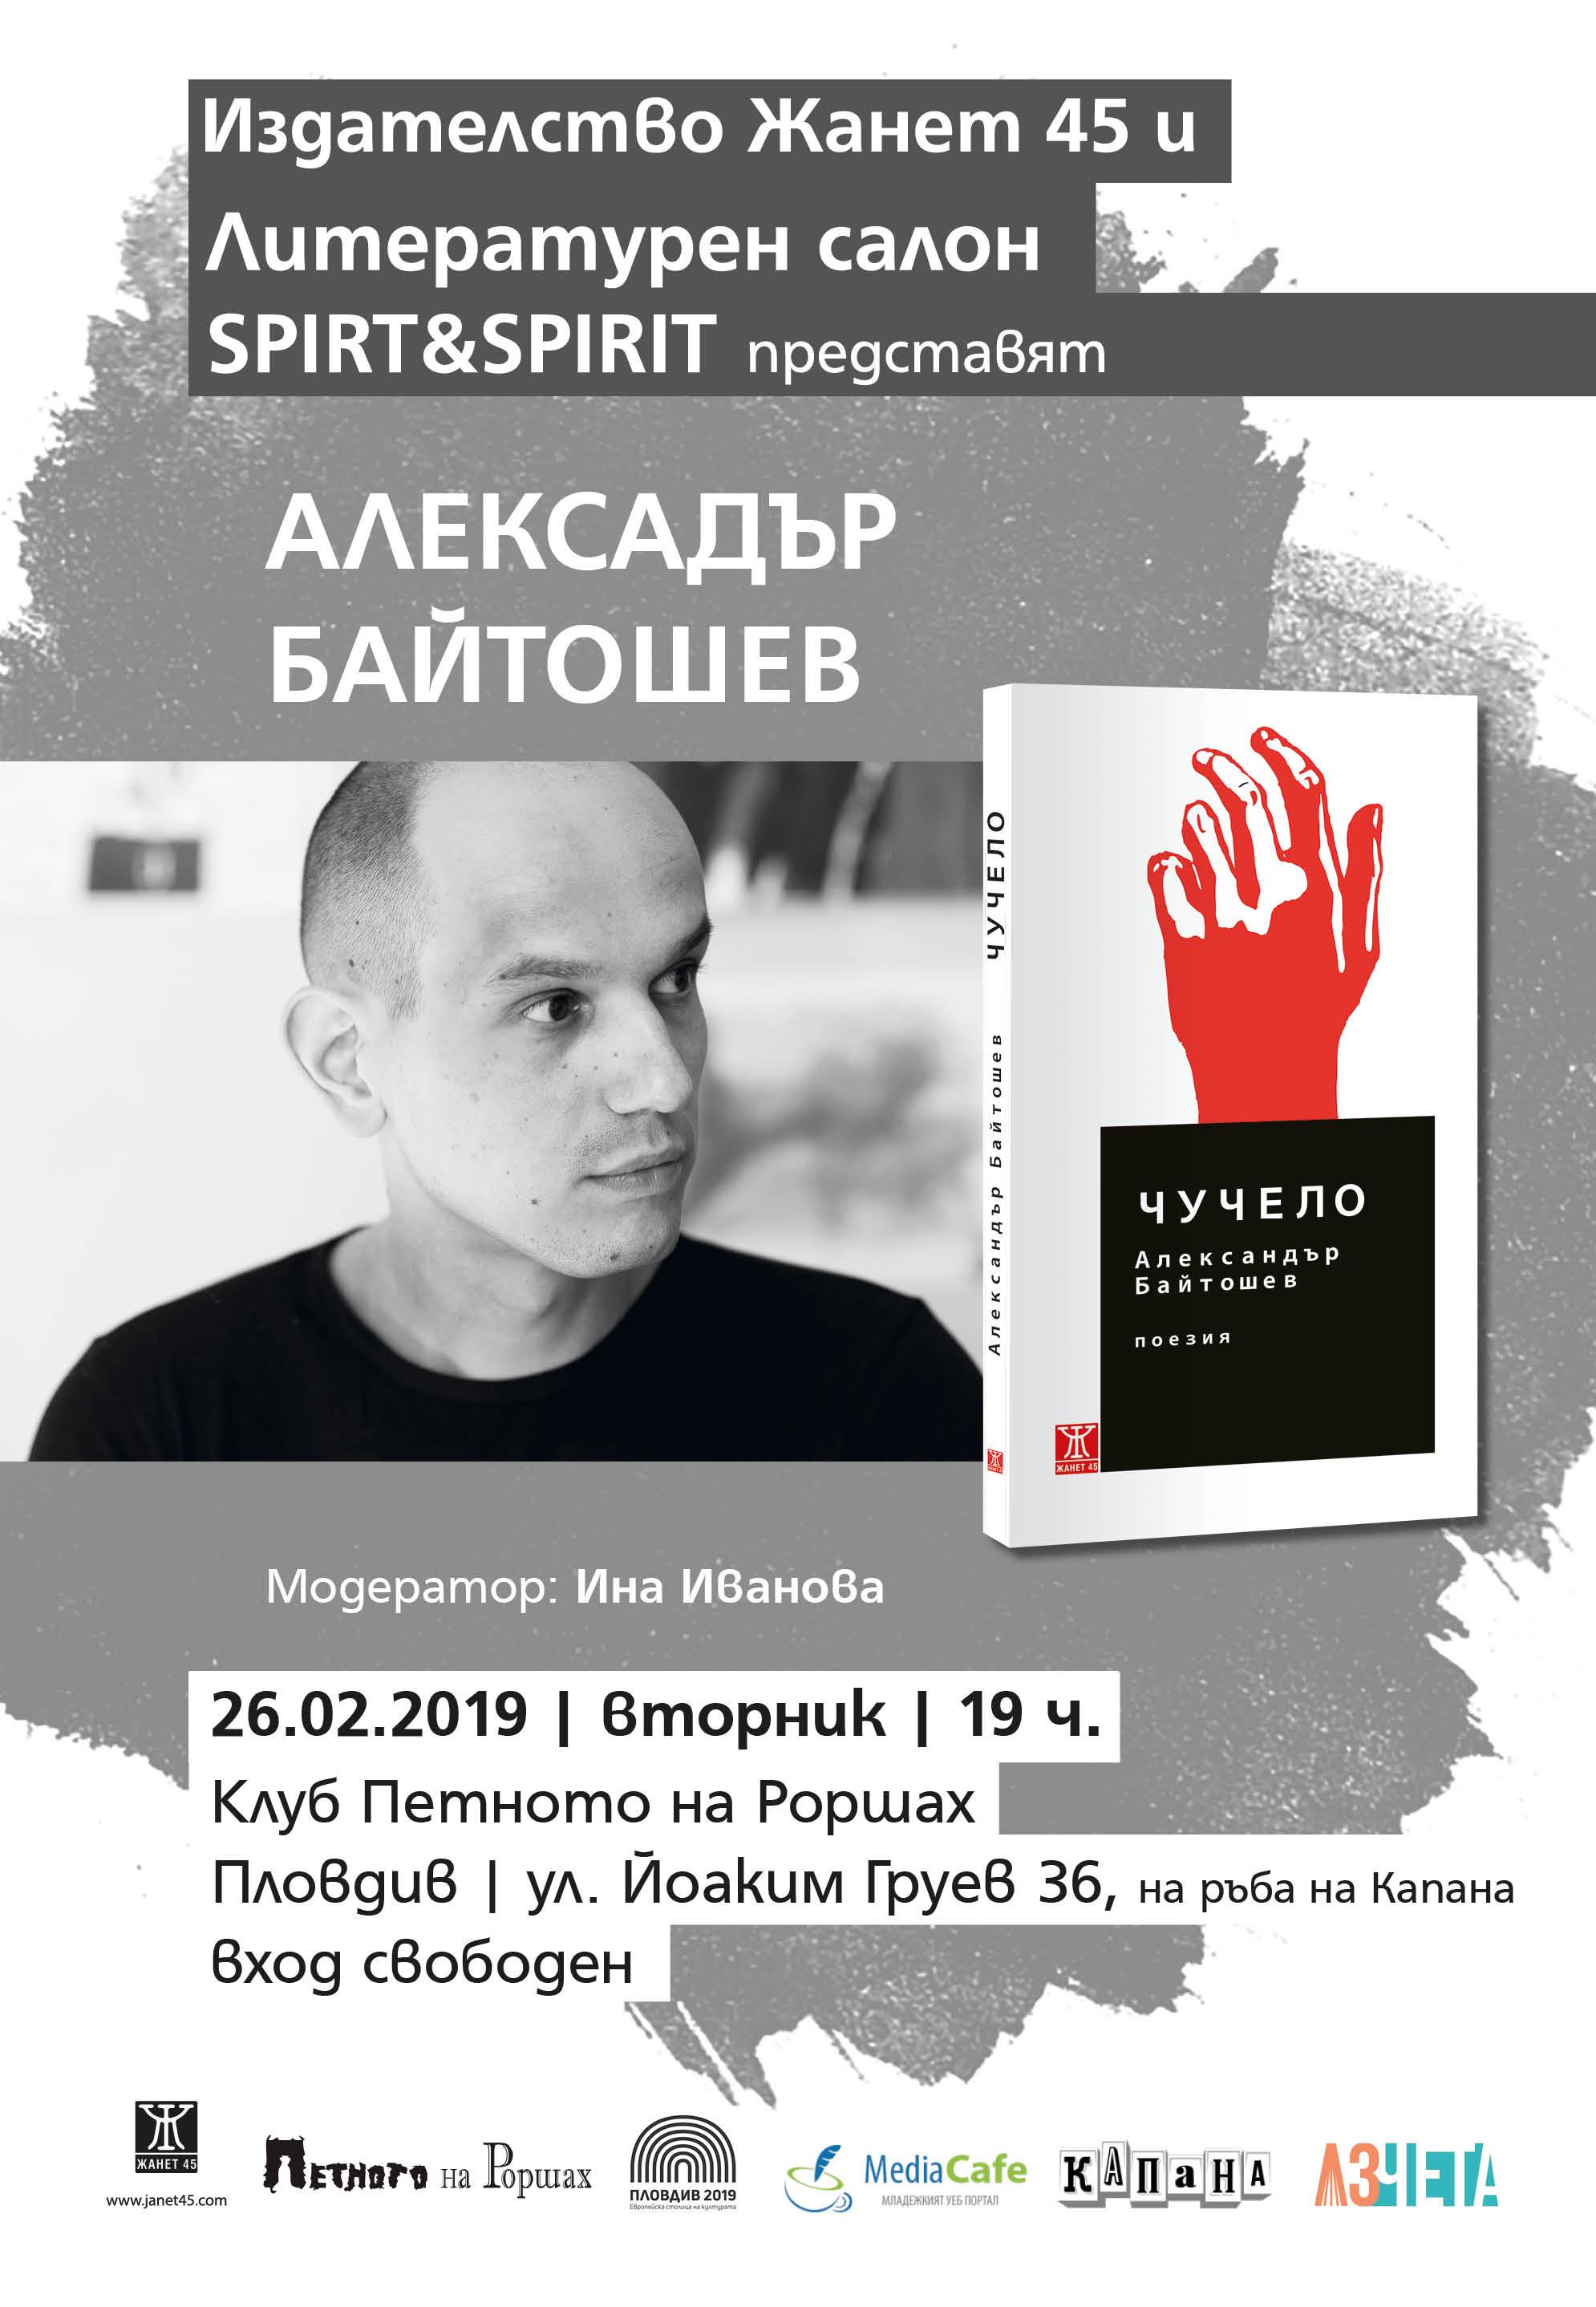 Александър Байтошев в Пловдив